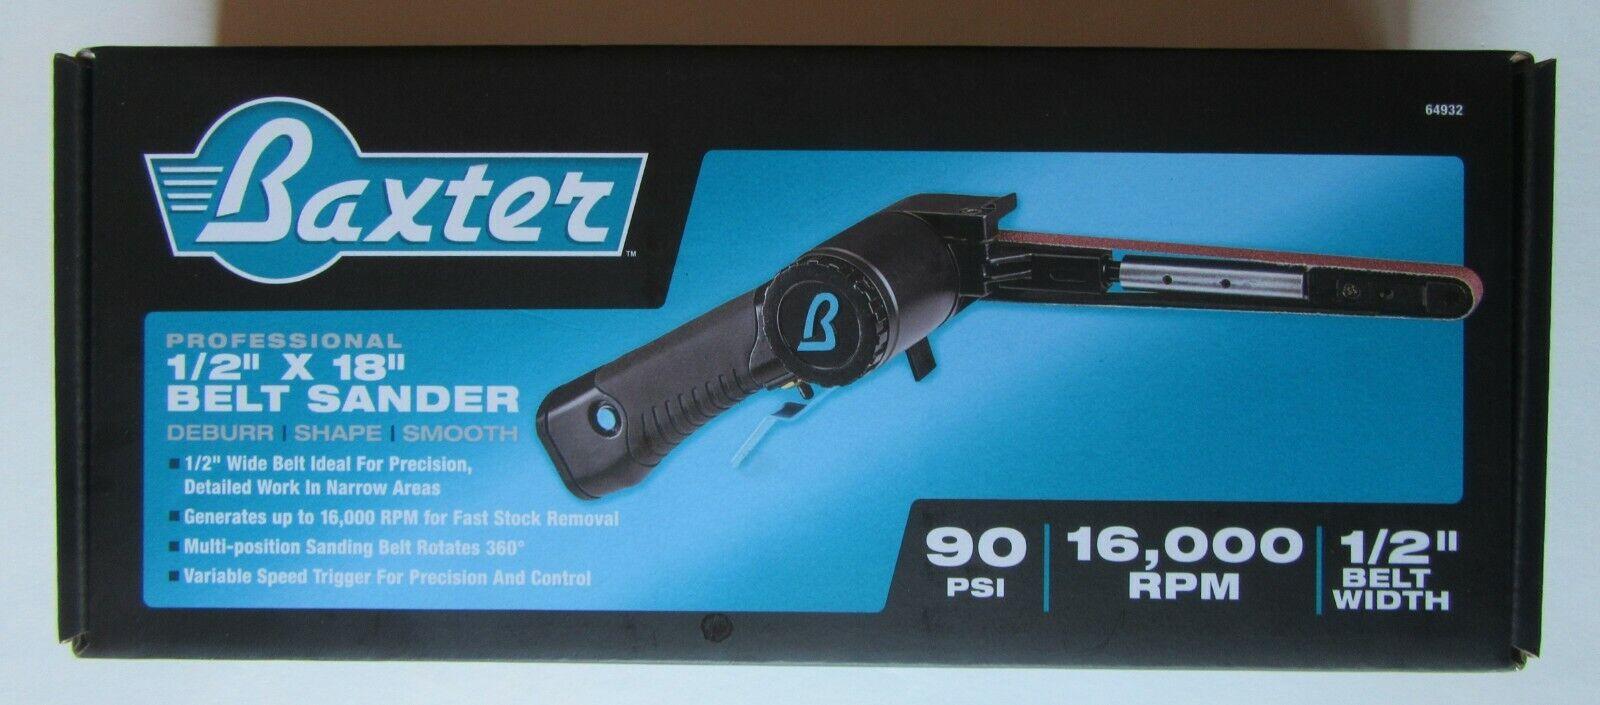 """Baxter Professional Belt Sander #64932, 1/2"""" X 18"""", 90PSI, 1"""